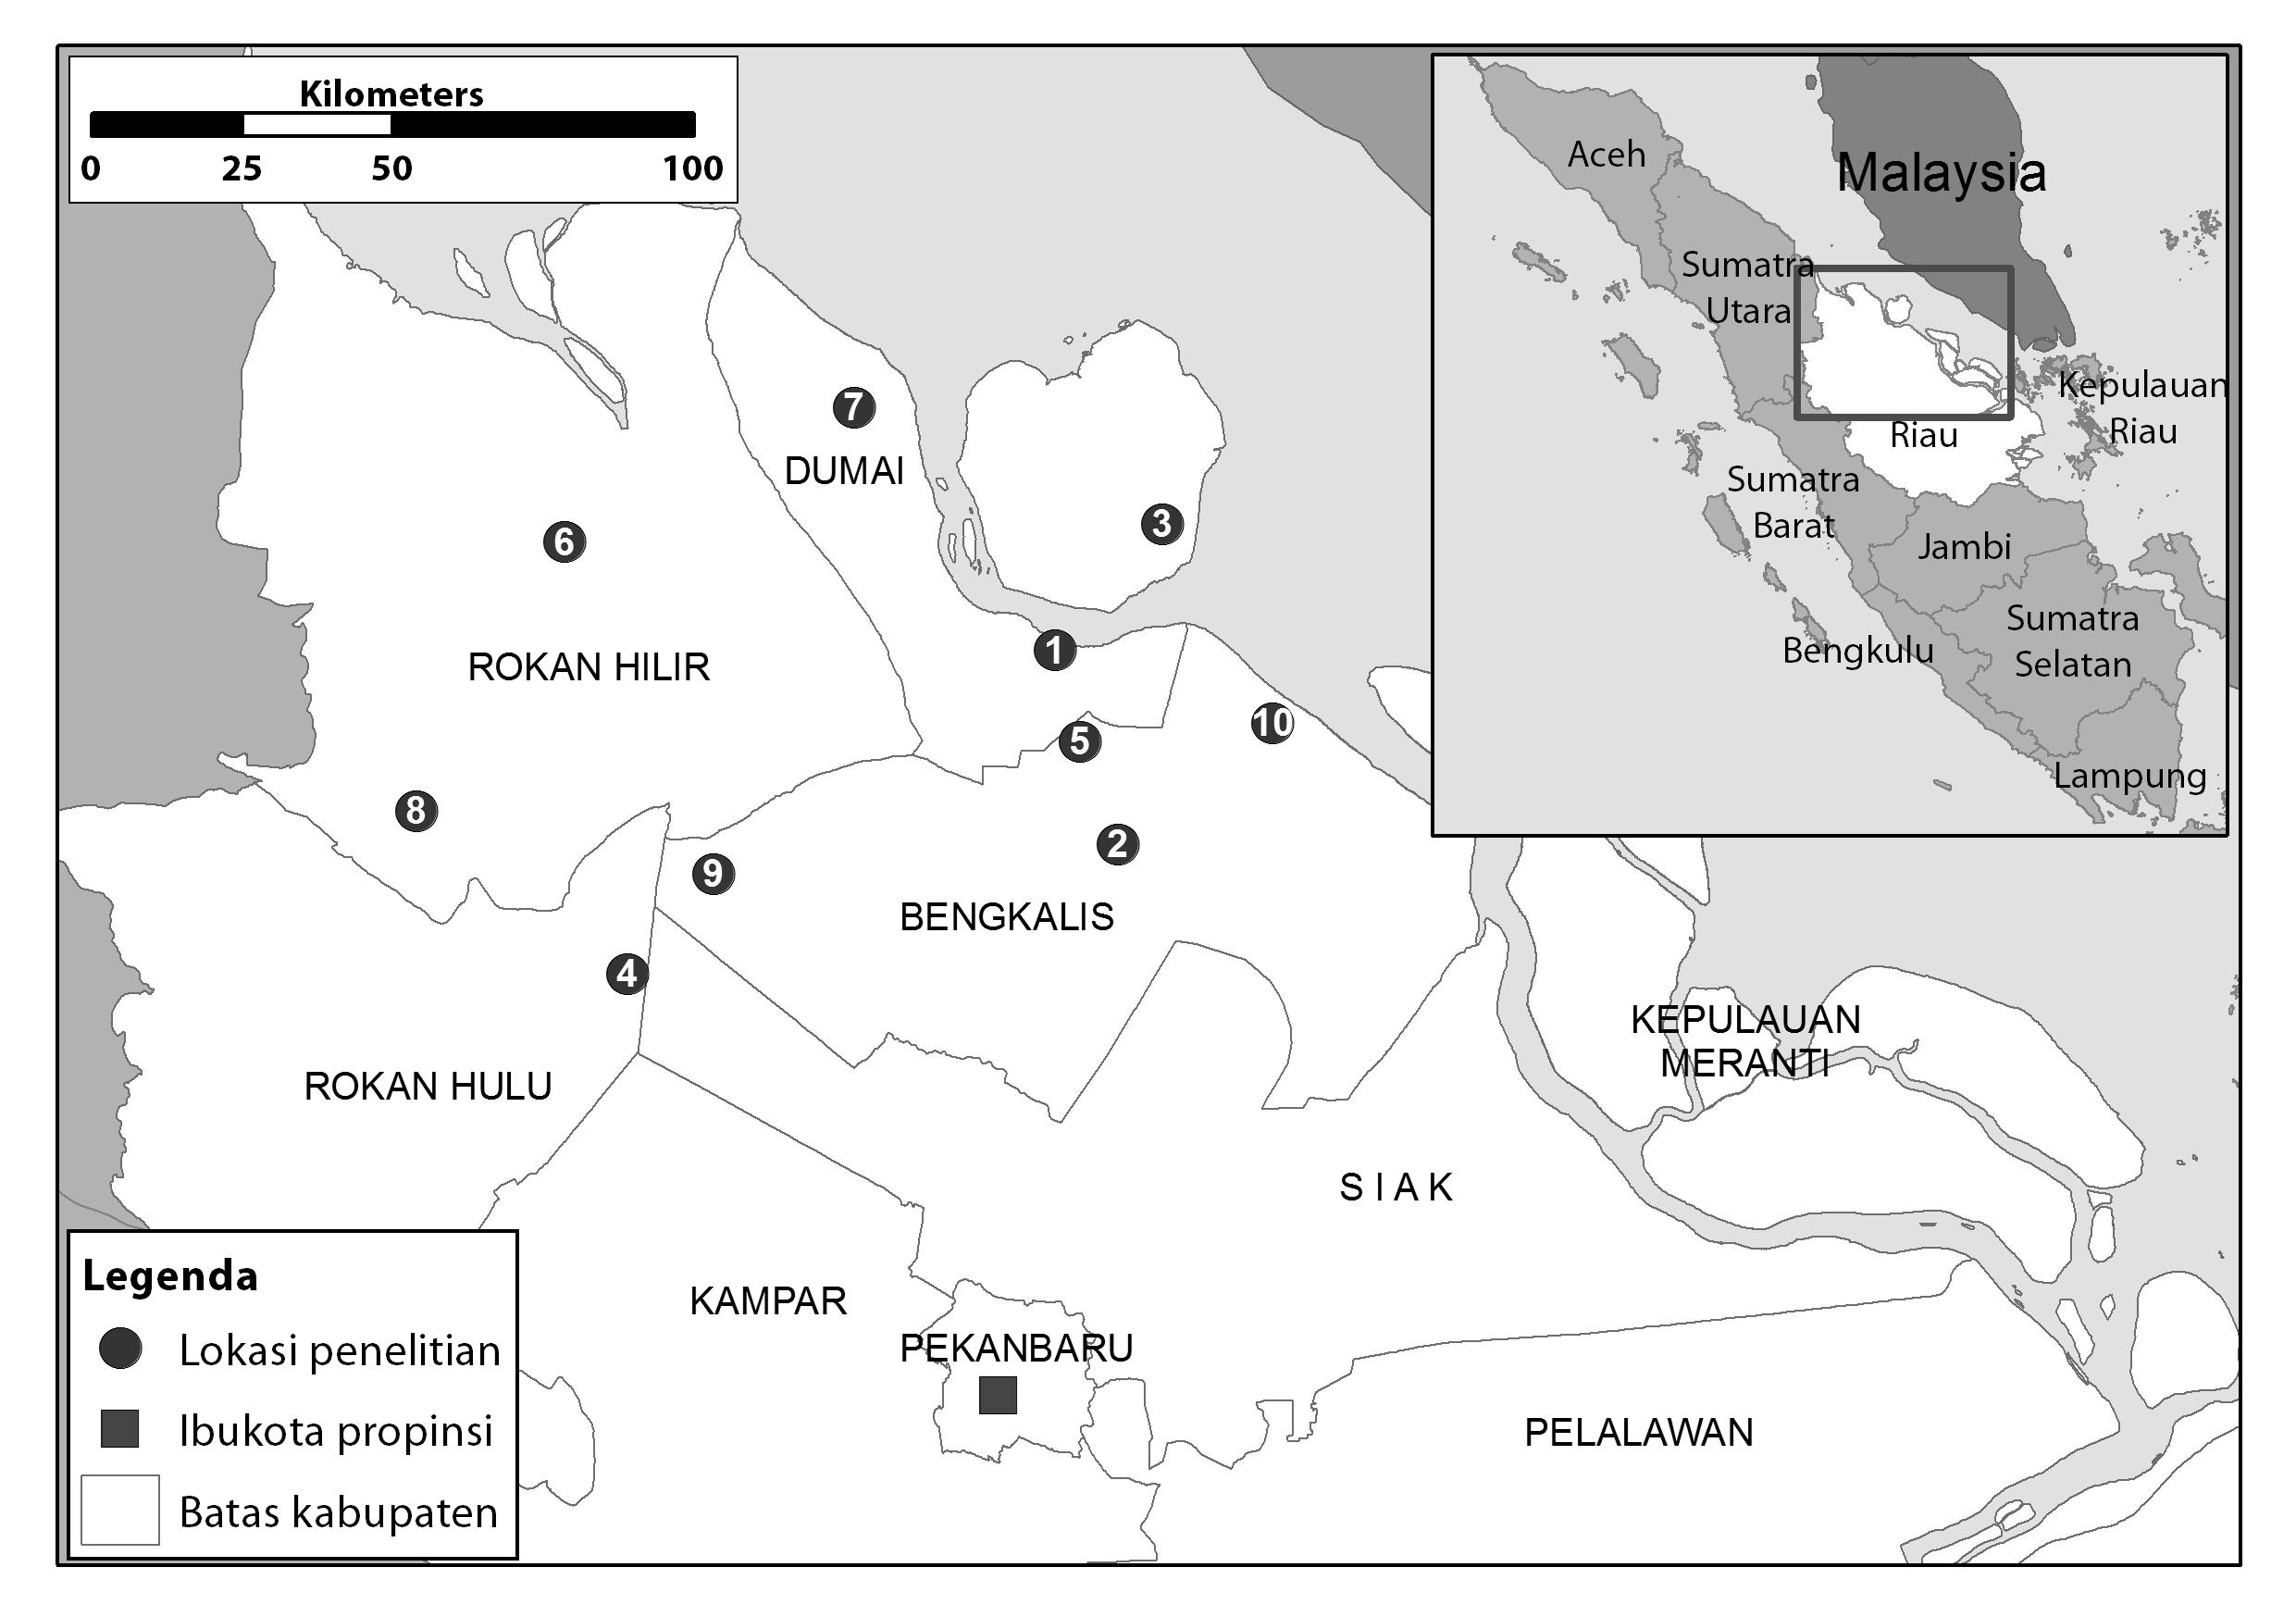 Research sites in Riau.